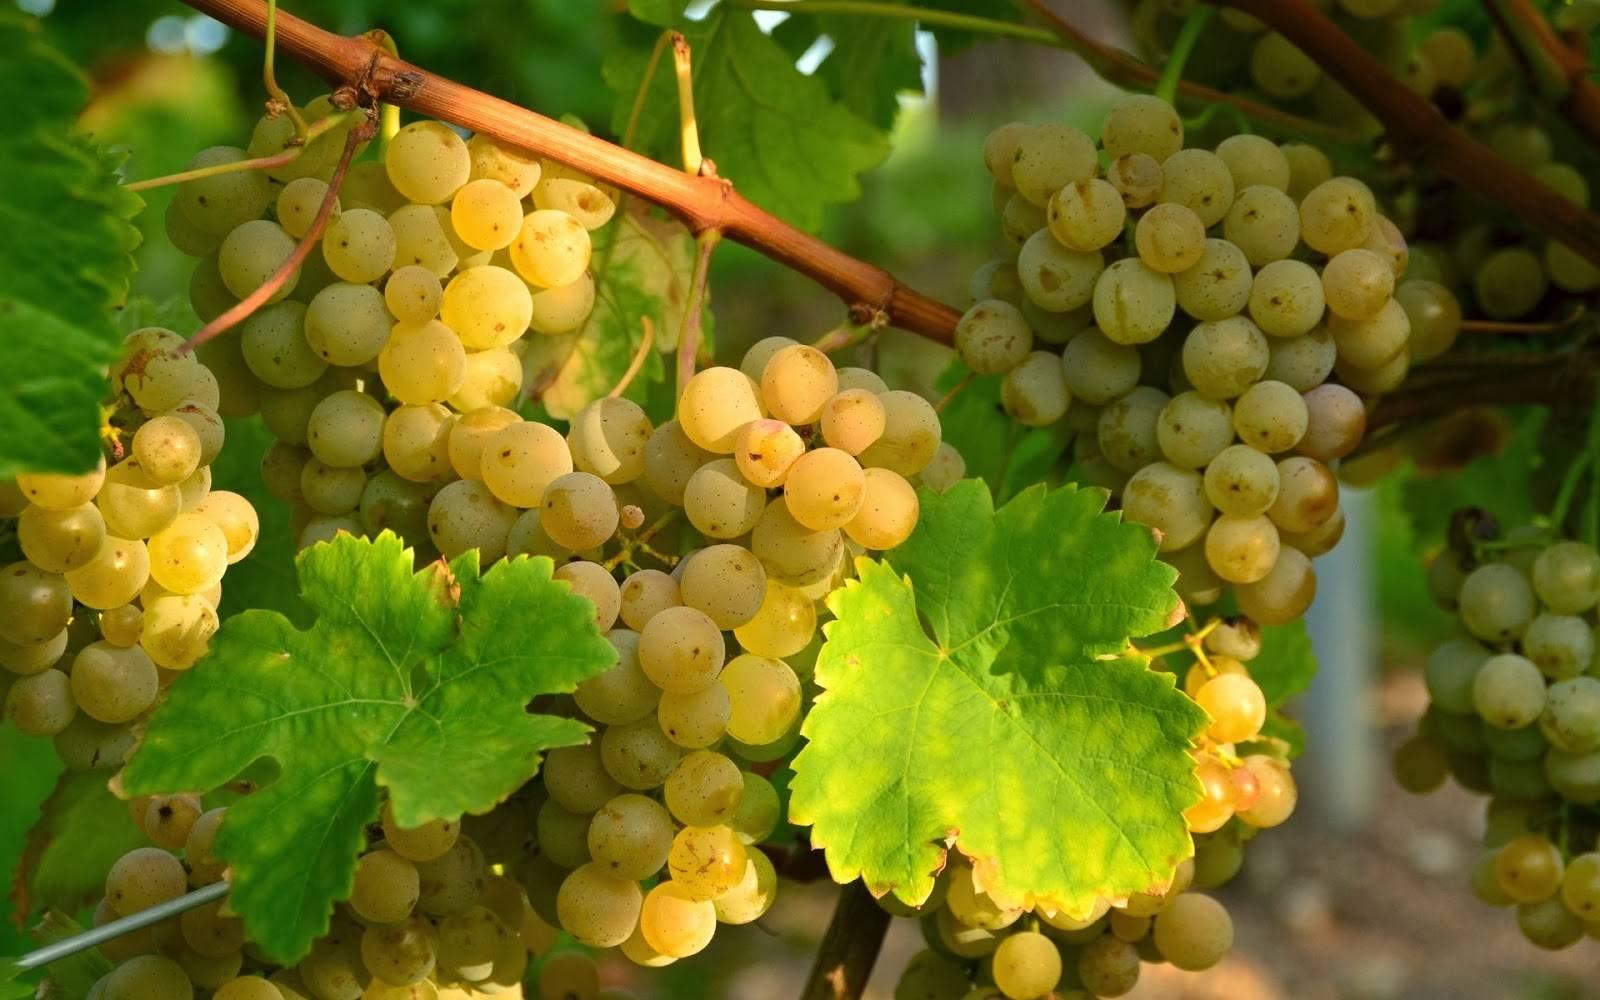 Виноград агат донской – его характеристики и особенности выращивания